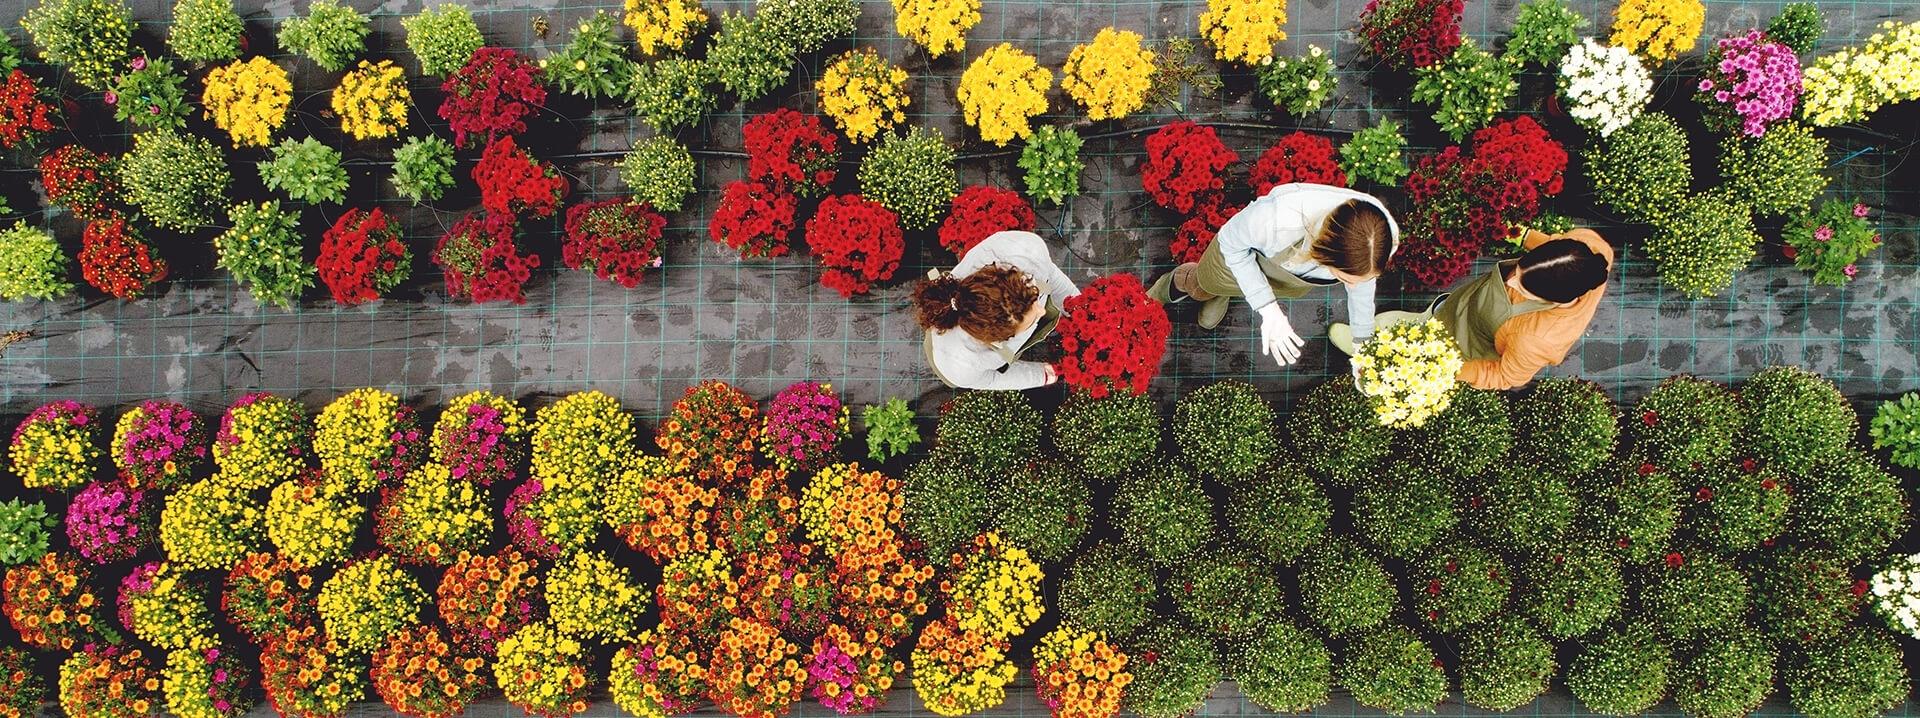 Overhead Image of Workers in Nursery